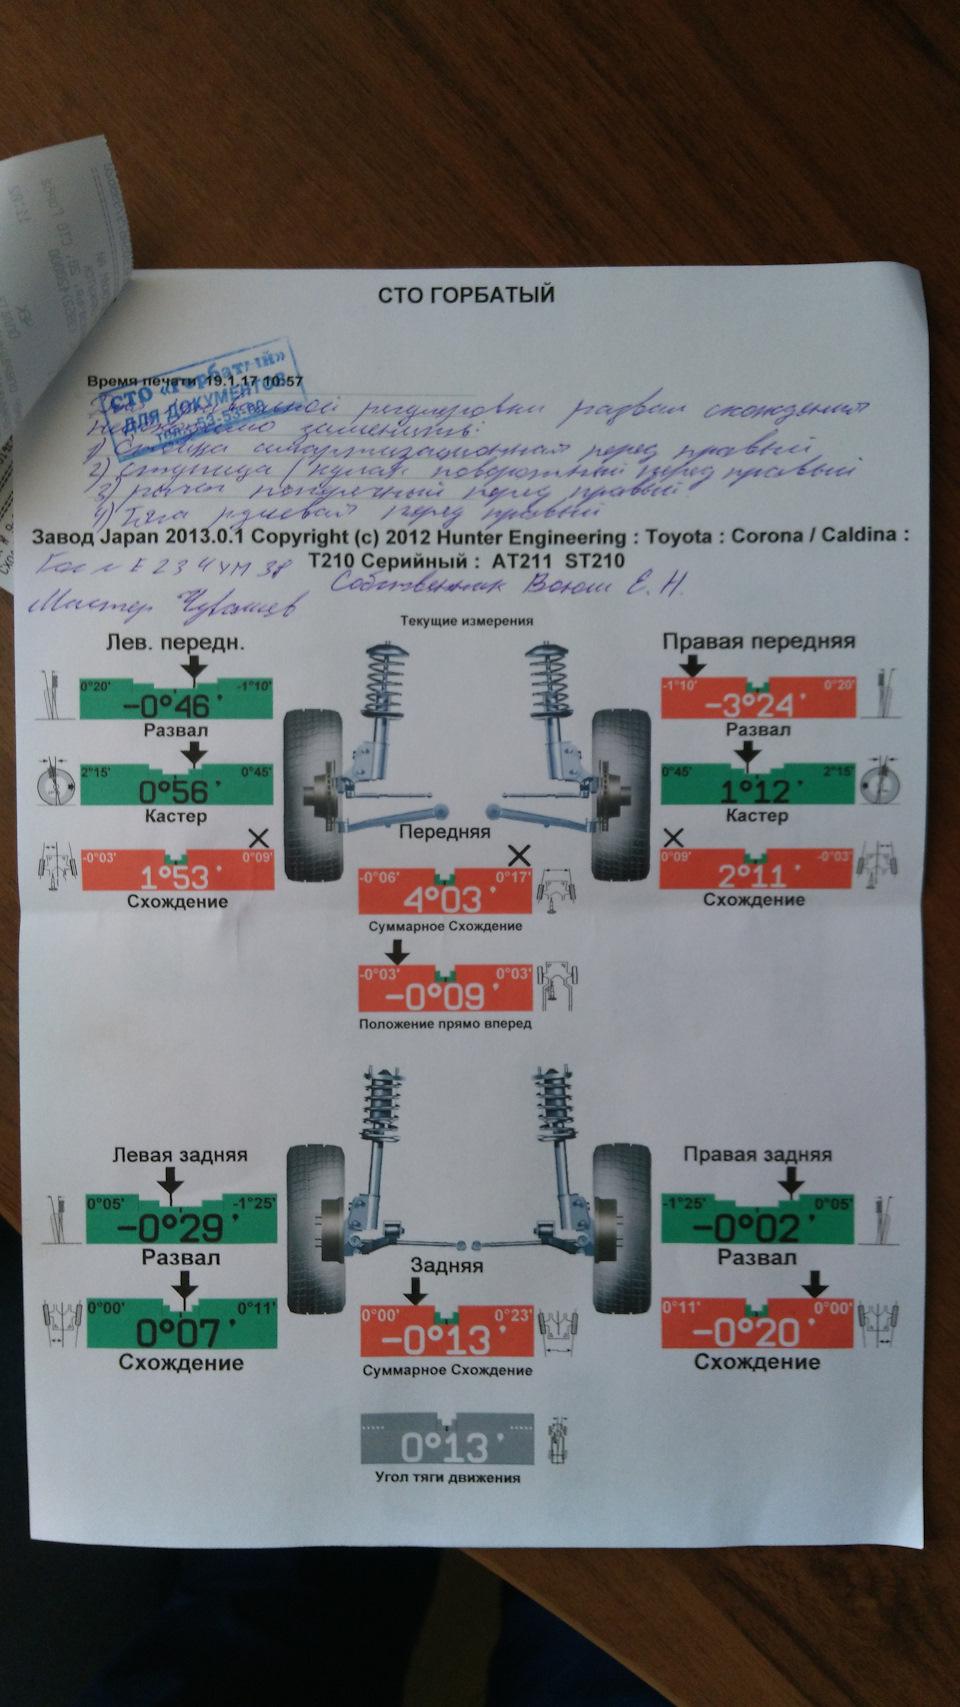 как сделать самодиагностику Toyota Корона премио #5